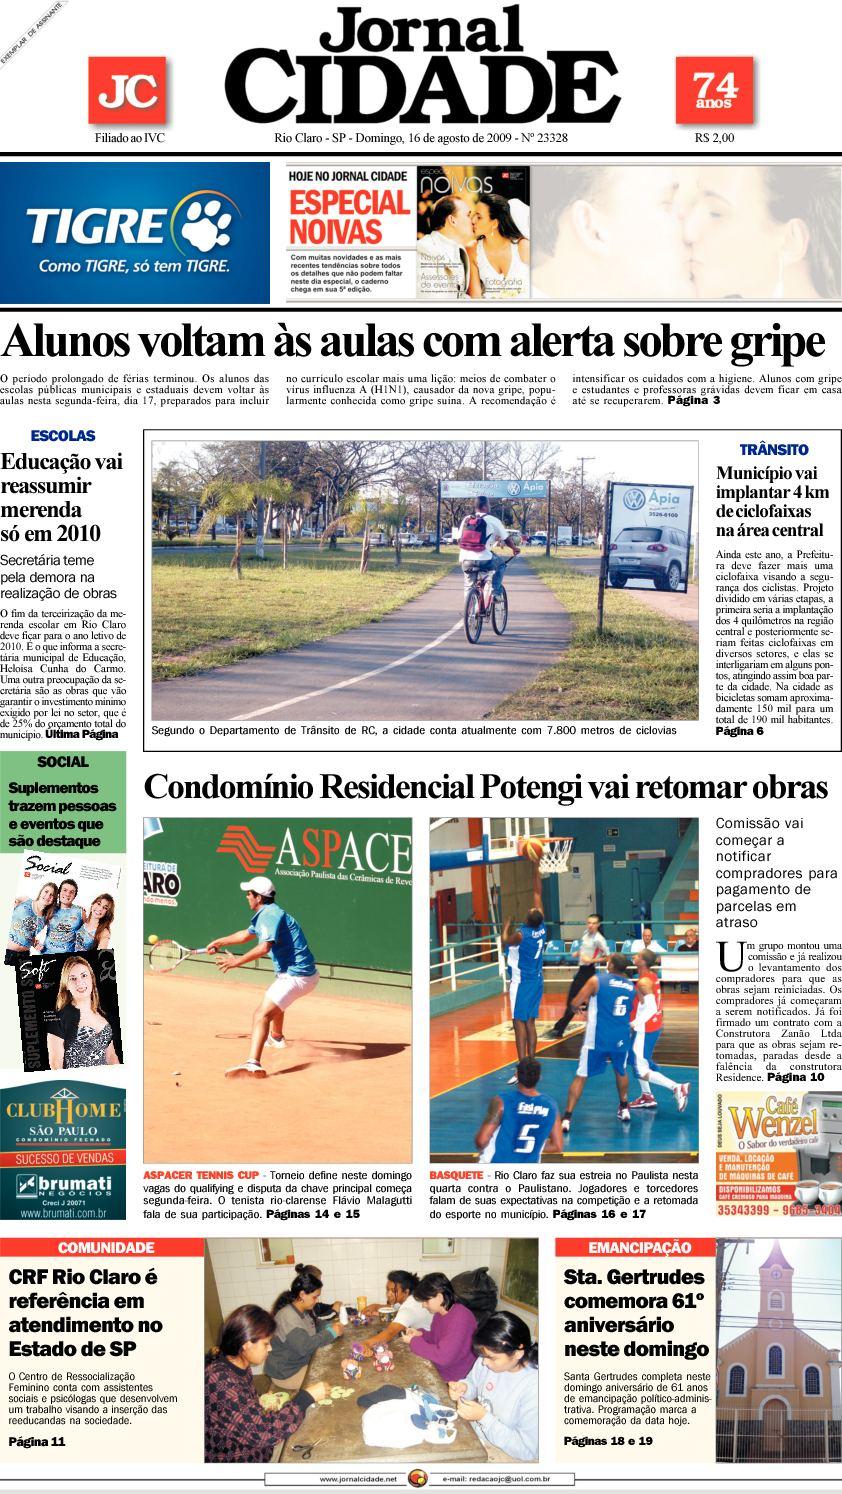 Calaméo - Jornal Cidade de Rio Claro - 16 08 2009 1abffb8034cbe